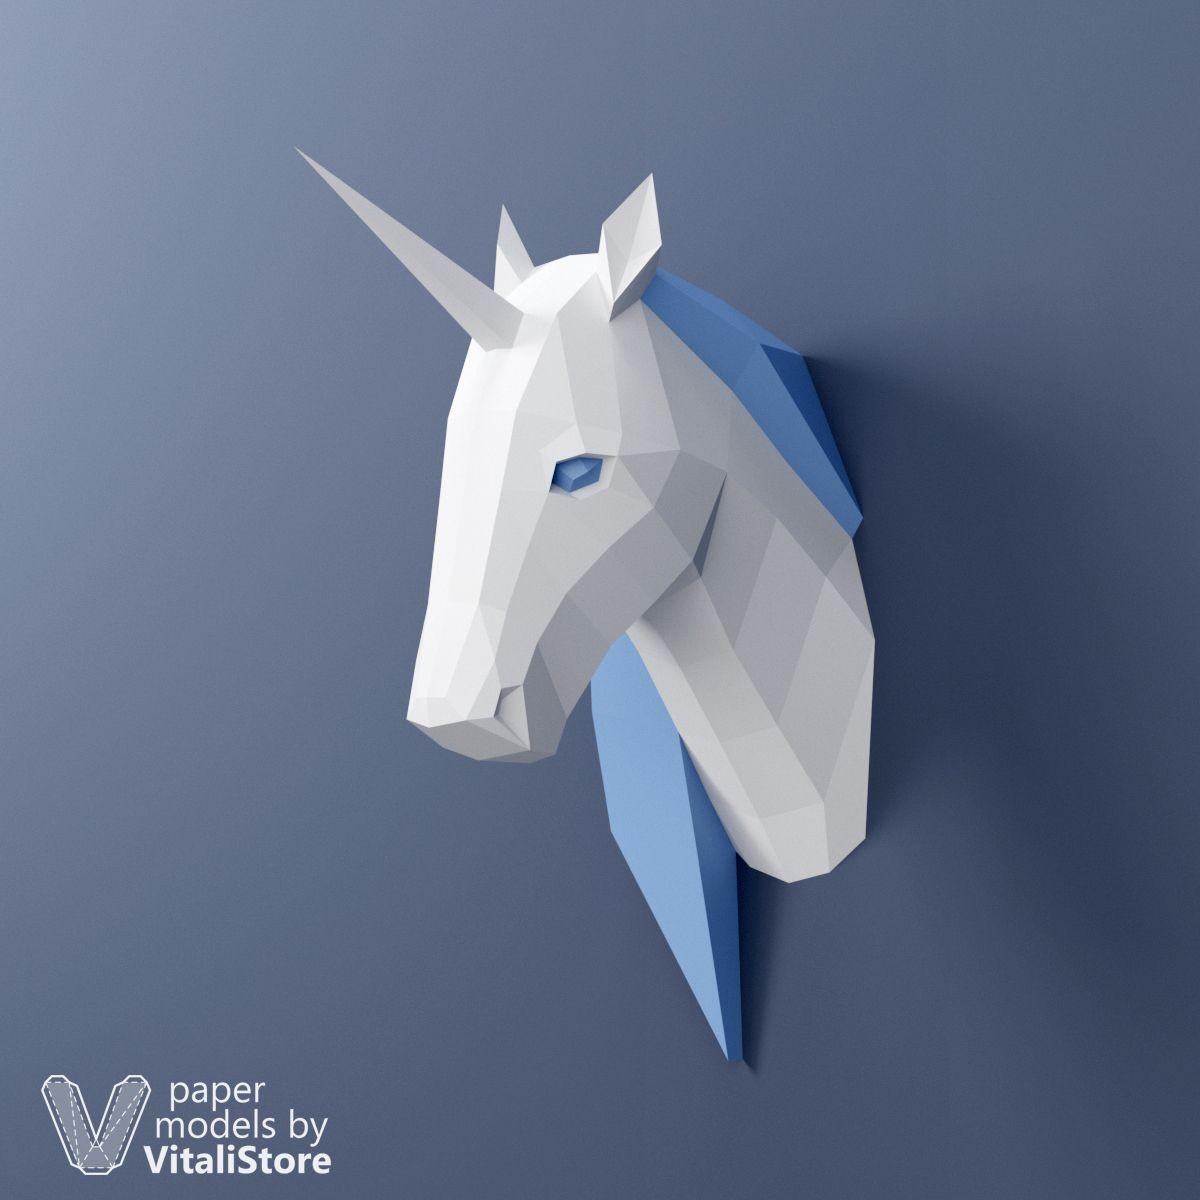 Unicorn Papercraft Unicorn Papercraft 3d Paper Sculpture Wall Decor